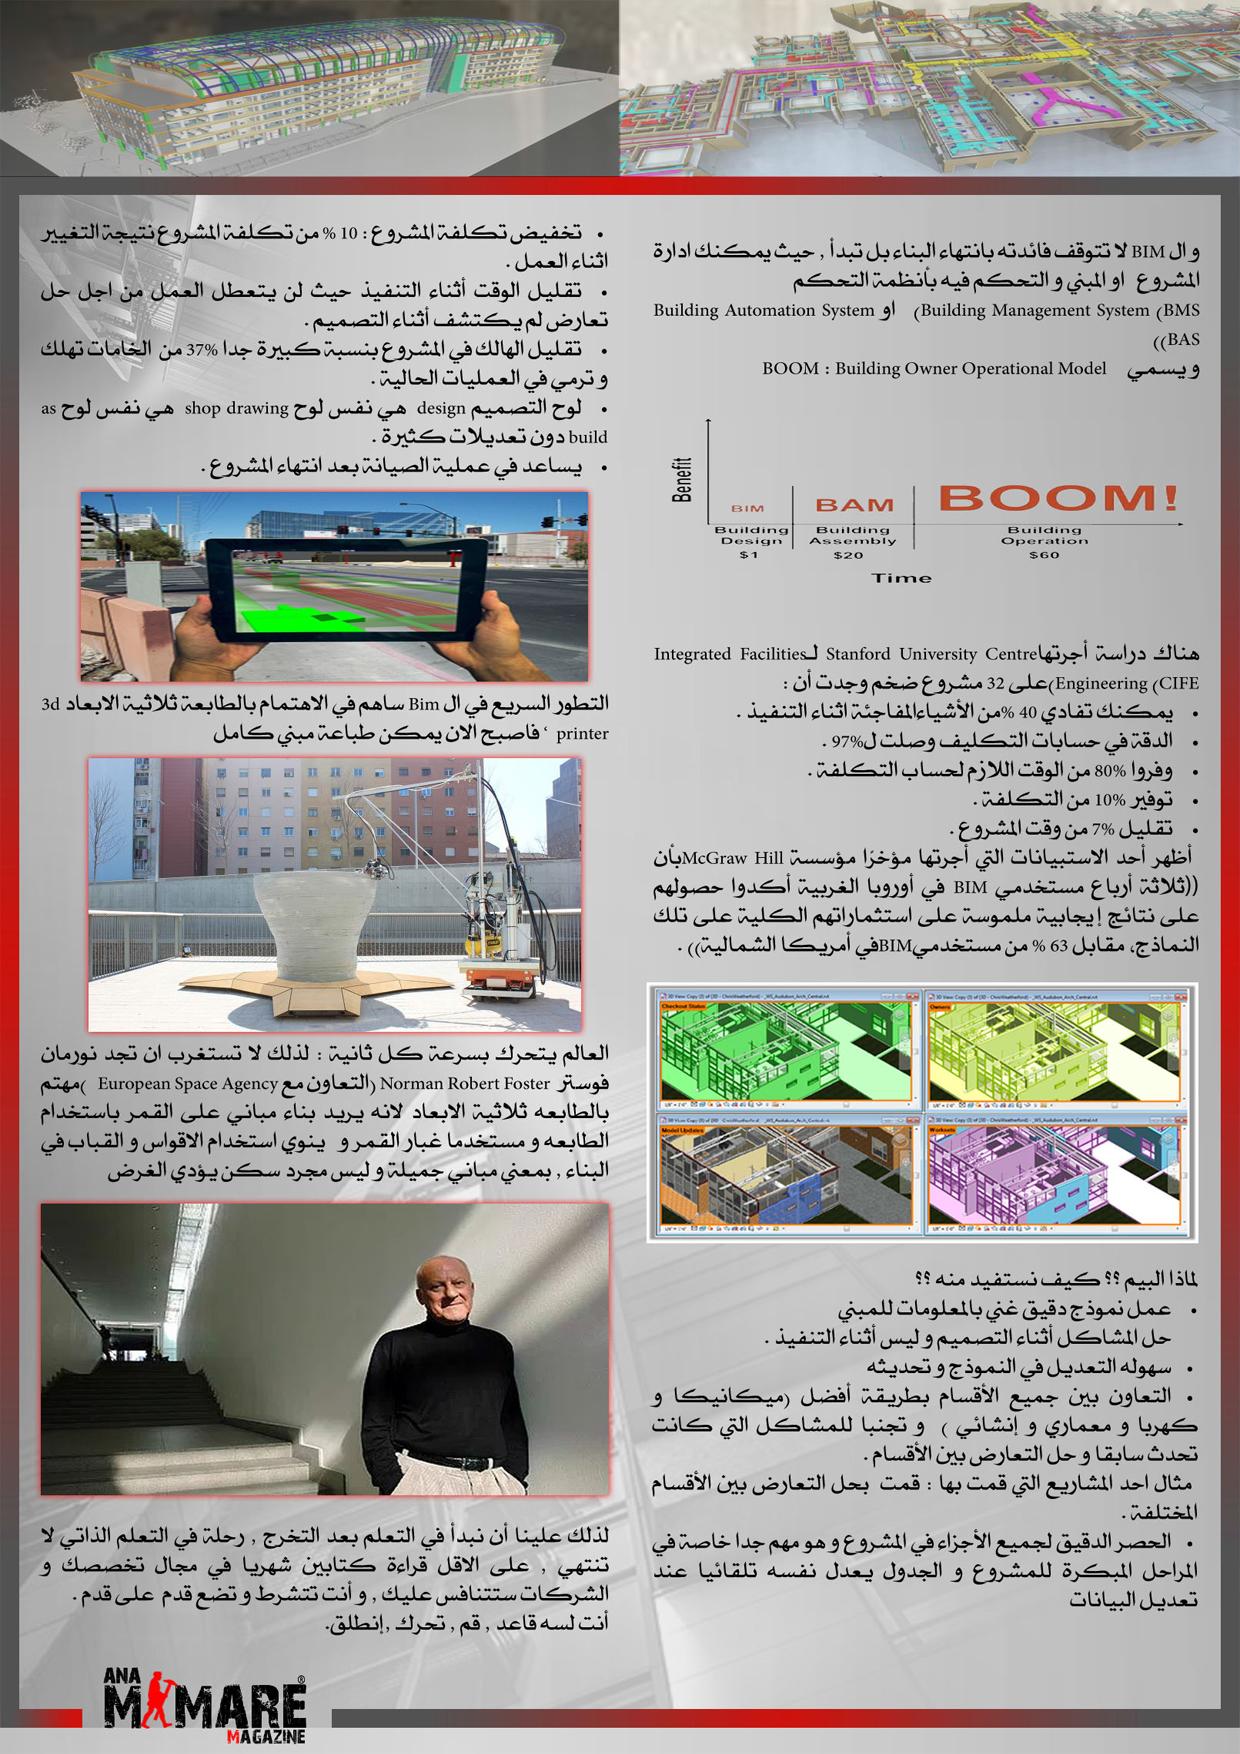 Ana_elmaamari_Page_18